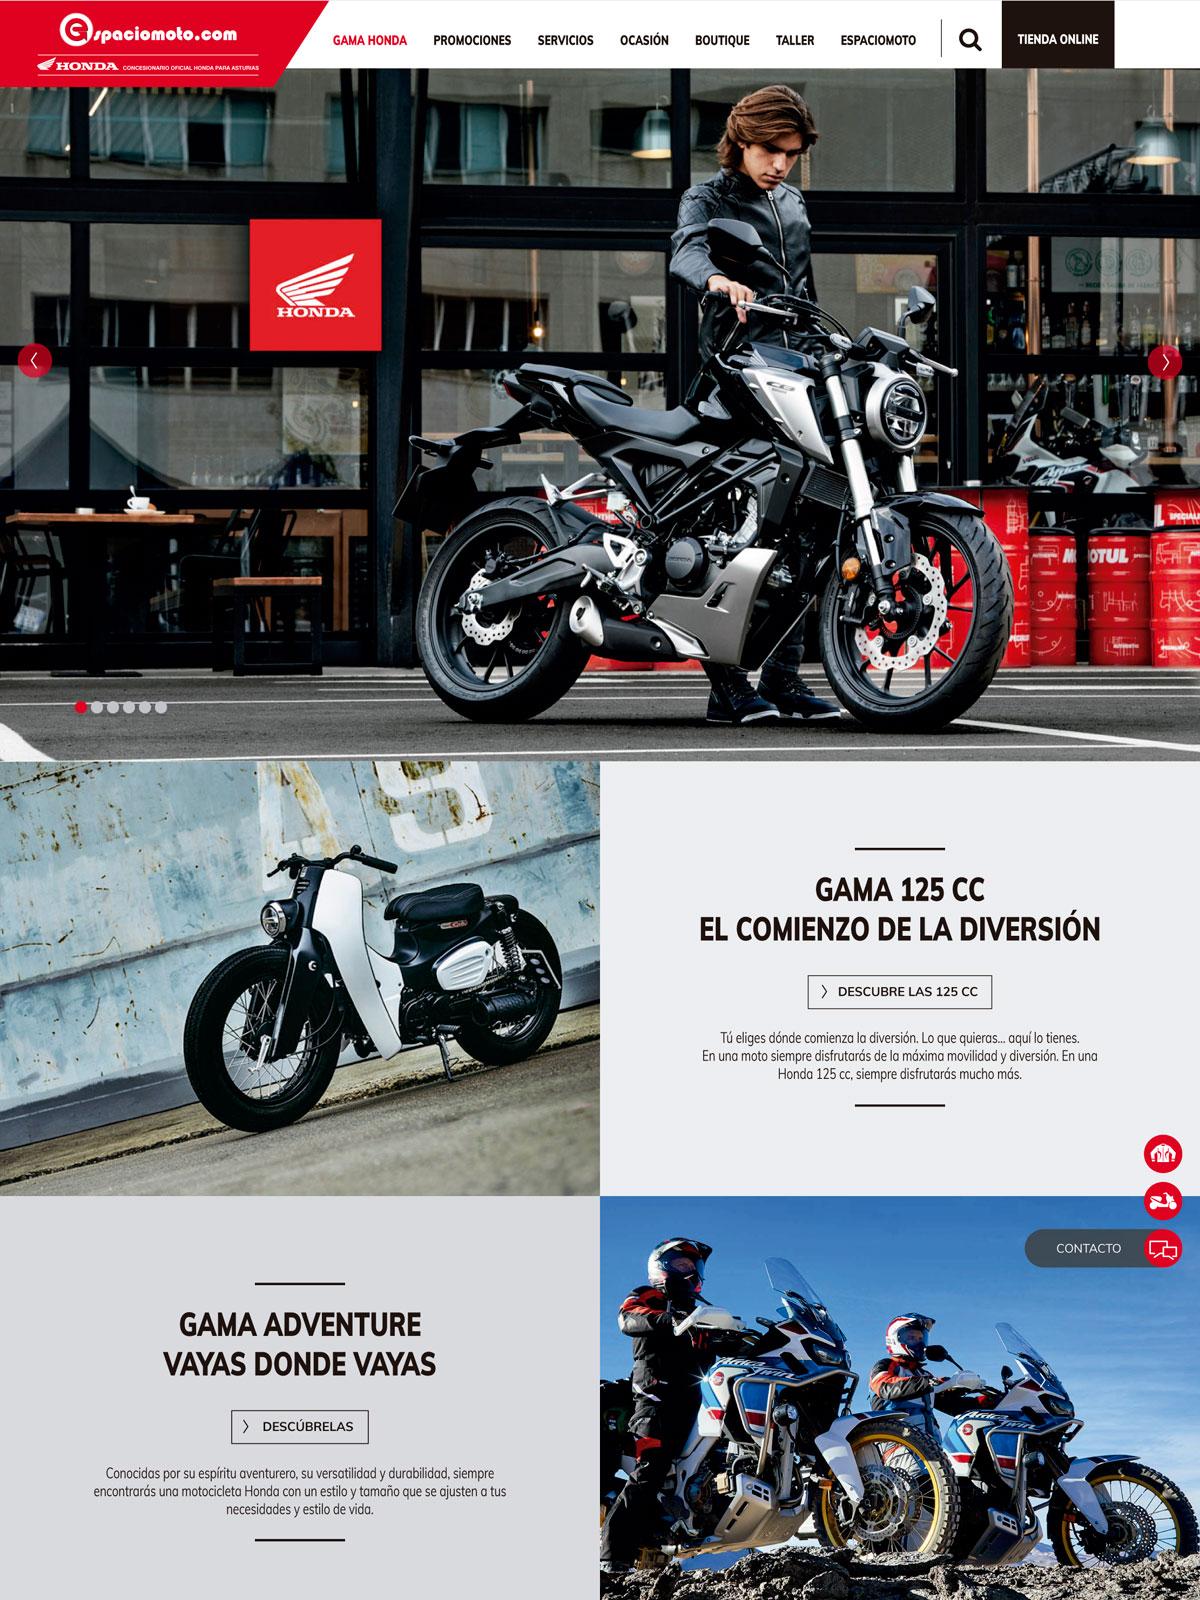 Web-Espaciomoto-Gama-Honda